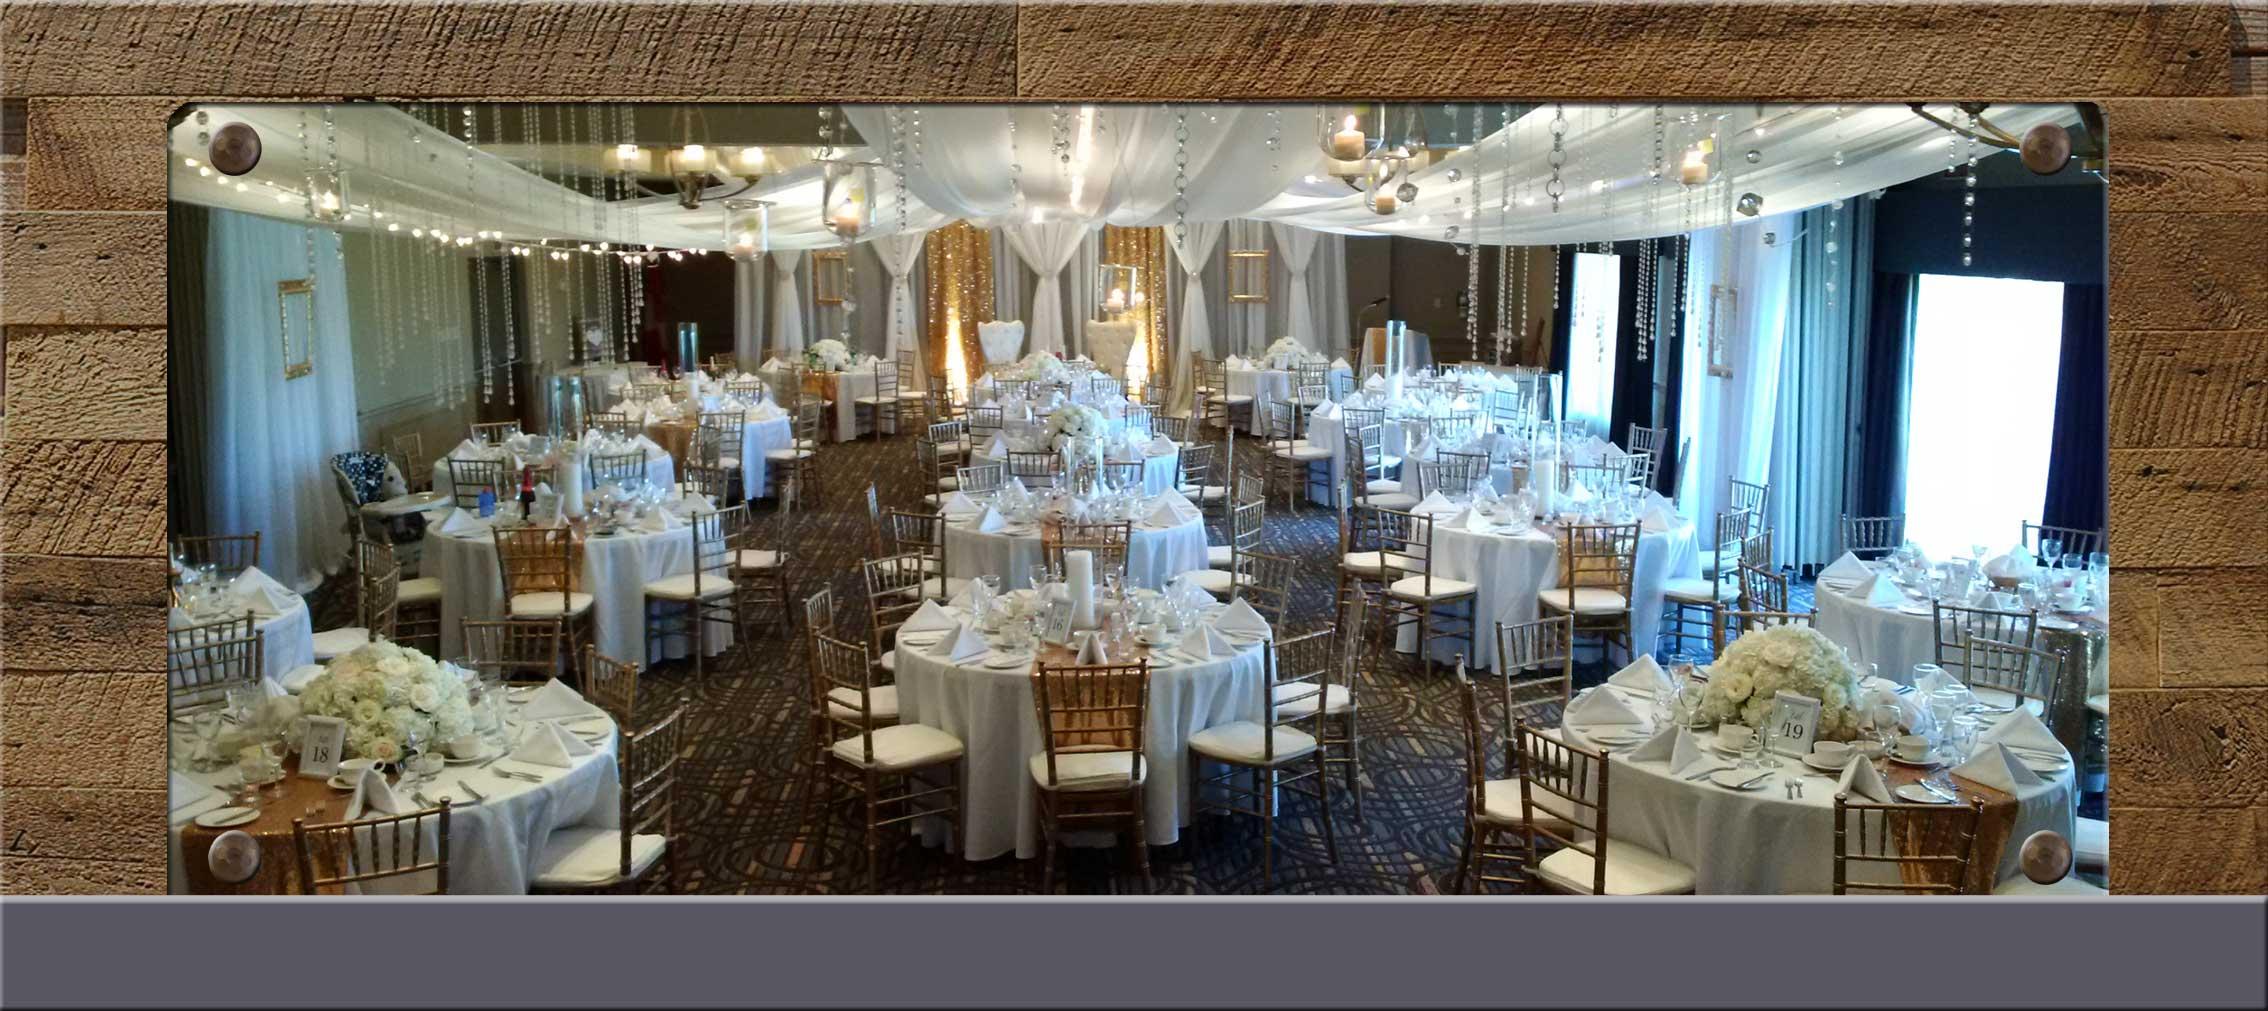 A Rustic Wedding Venue in Pembroke